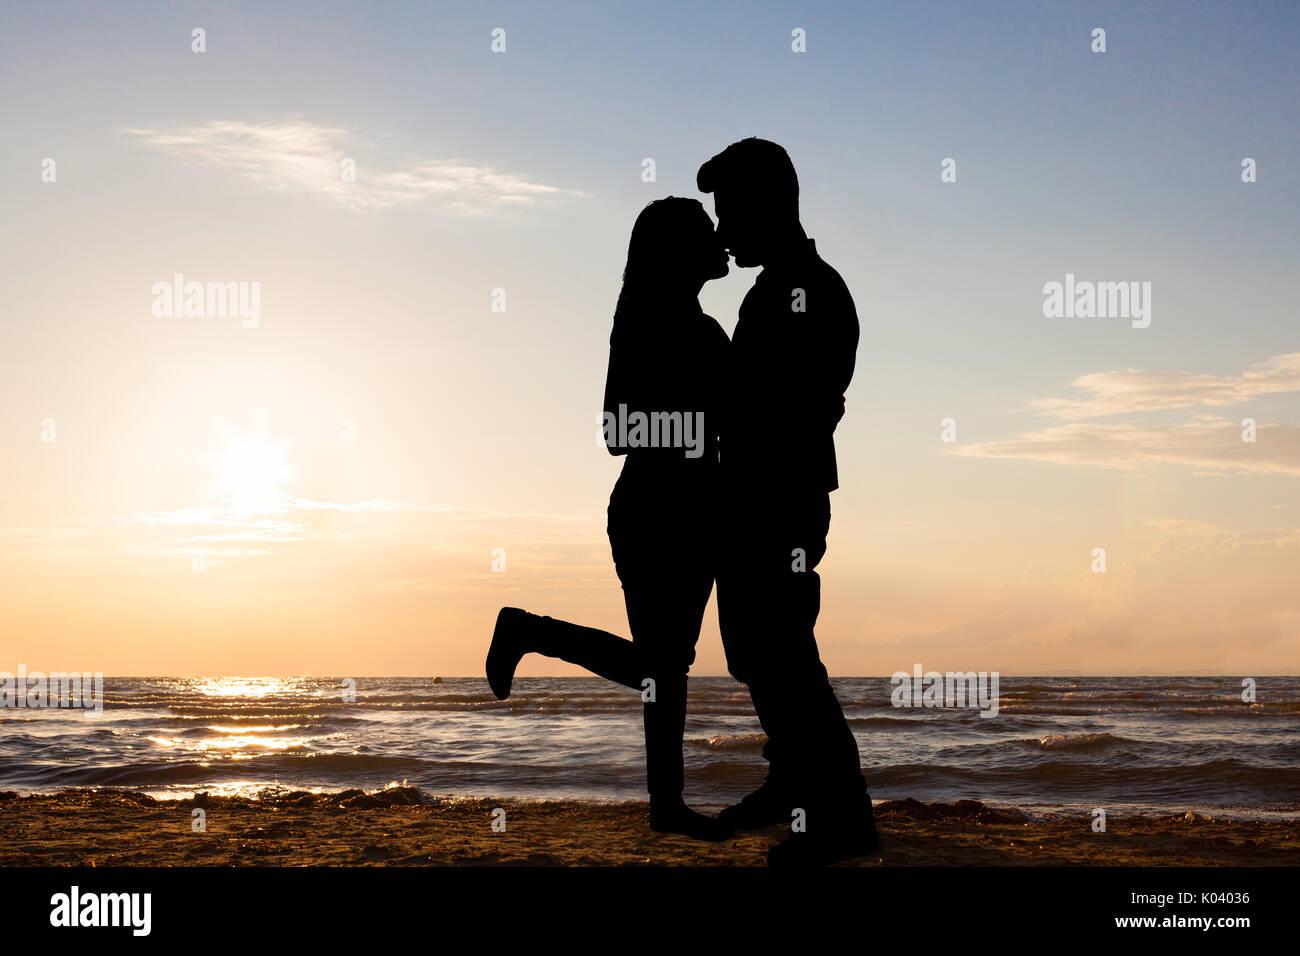 Silueta De Pareja Enamorada De Pie A Orillas Del Mar Al Atardecer